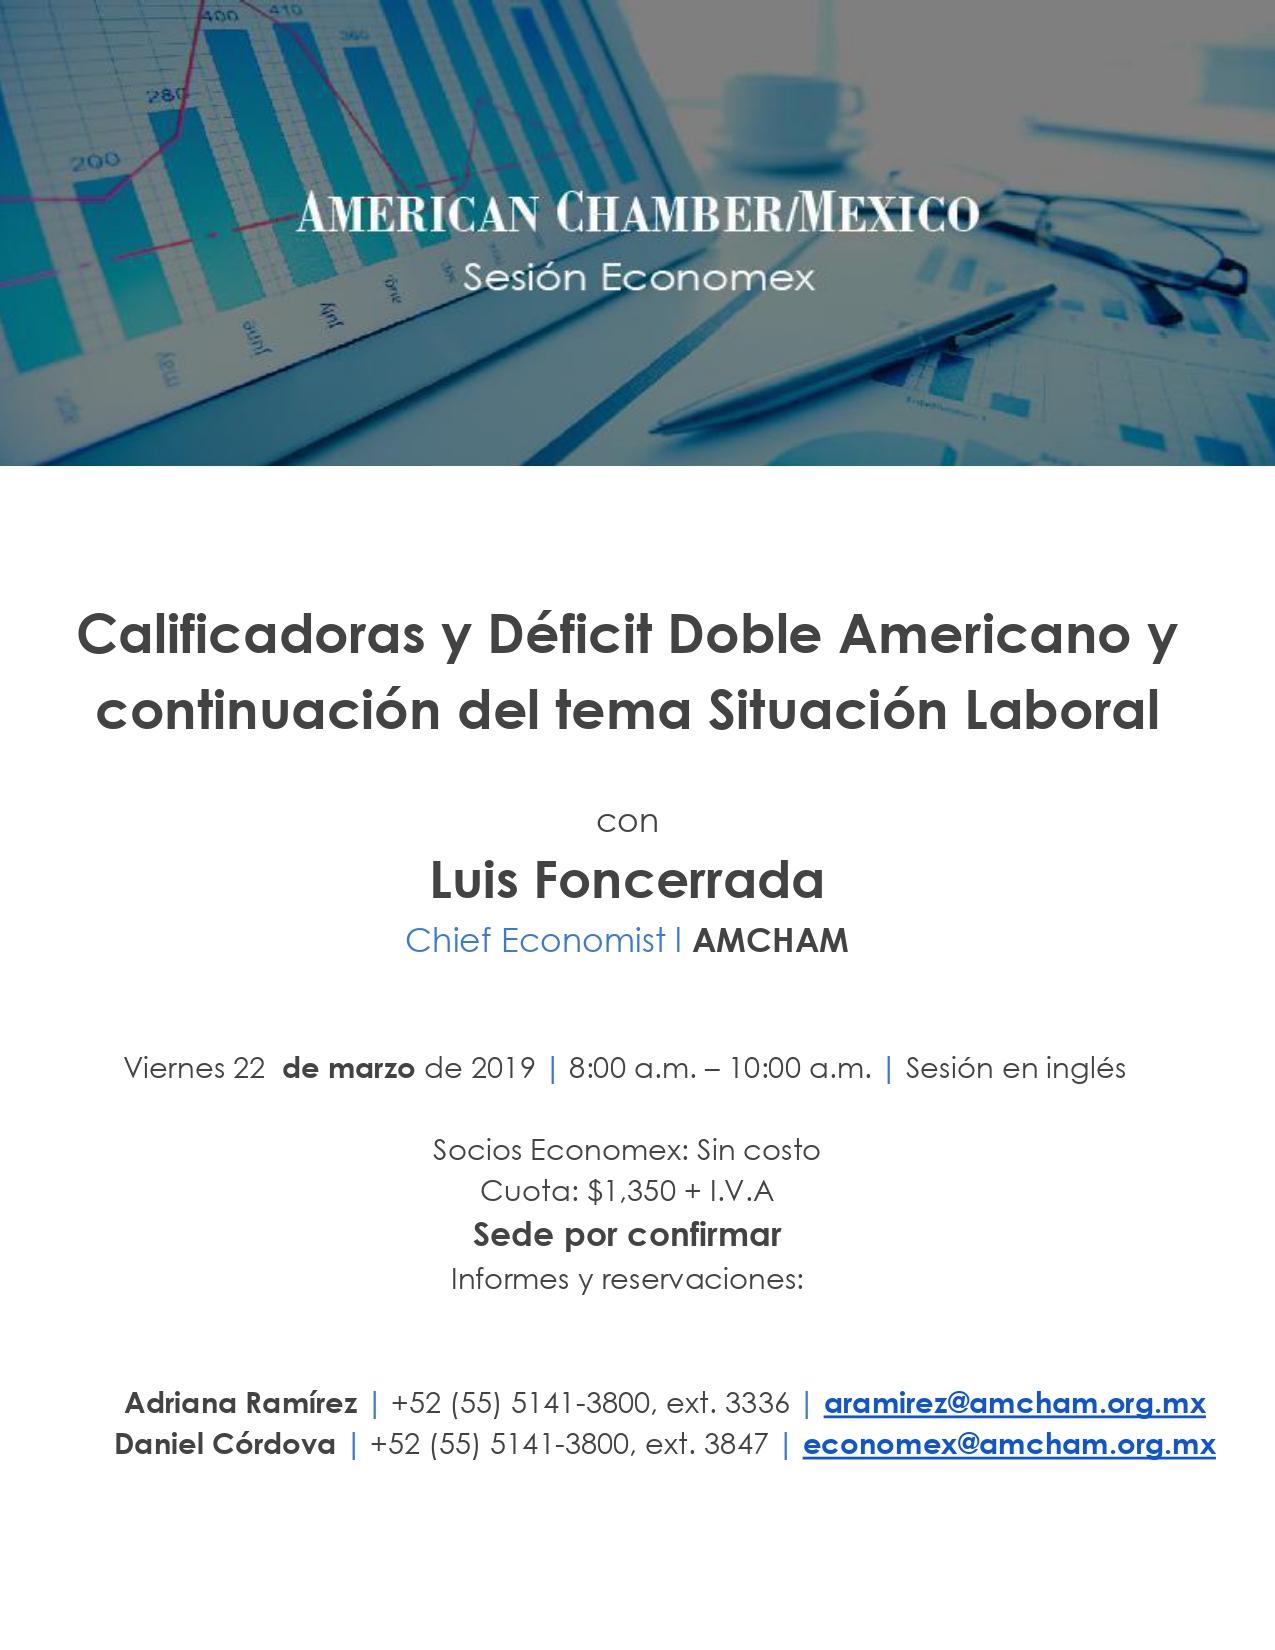 Sesión Economex: Calificadoras y Déficit Doble Americano y continuación del tema Situación Laboral en inglés